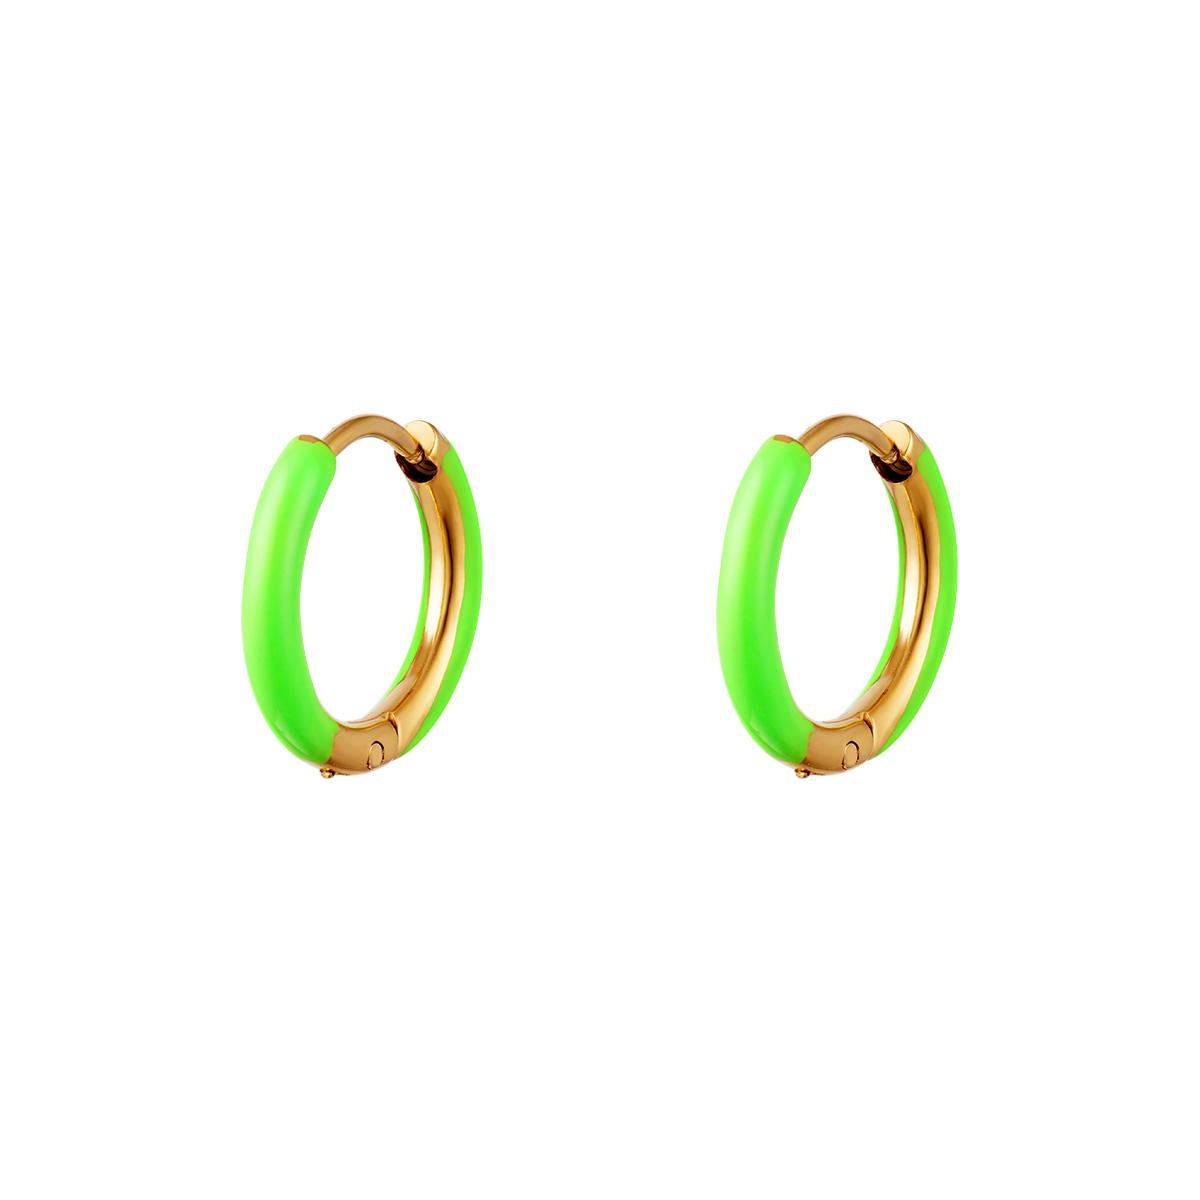 Stainless Steel Earring Color Hoop